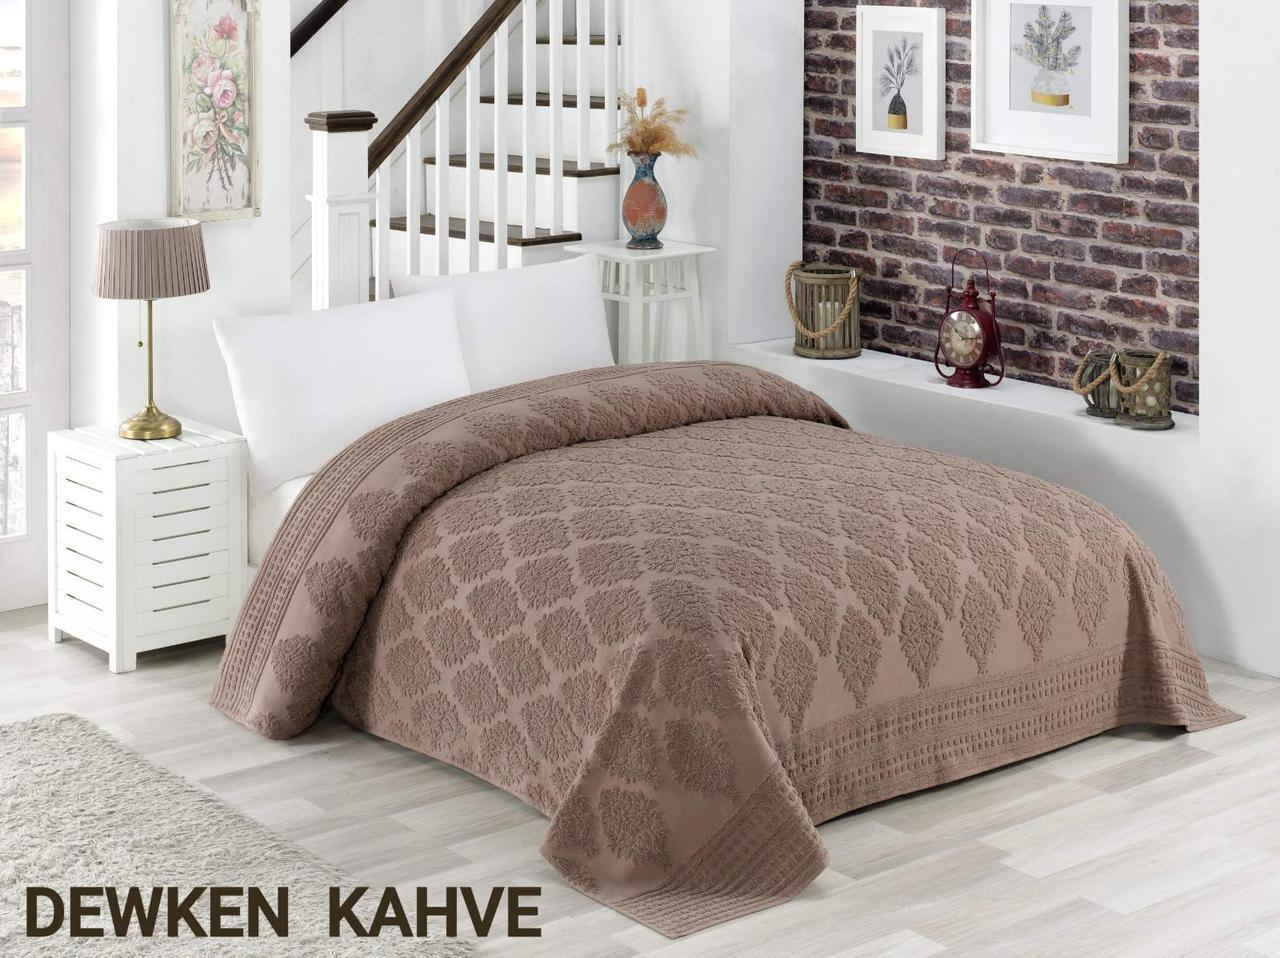 Махровая простынь хлопок 150*220 (TM Zeron) 450г/м2 Dewken Kahve, Турция